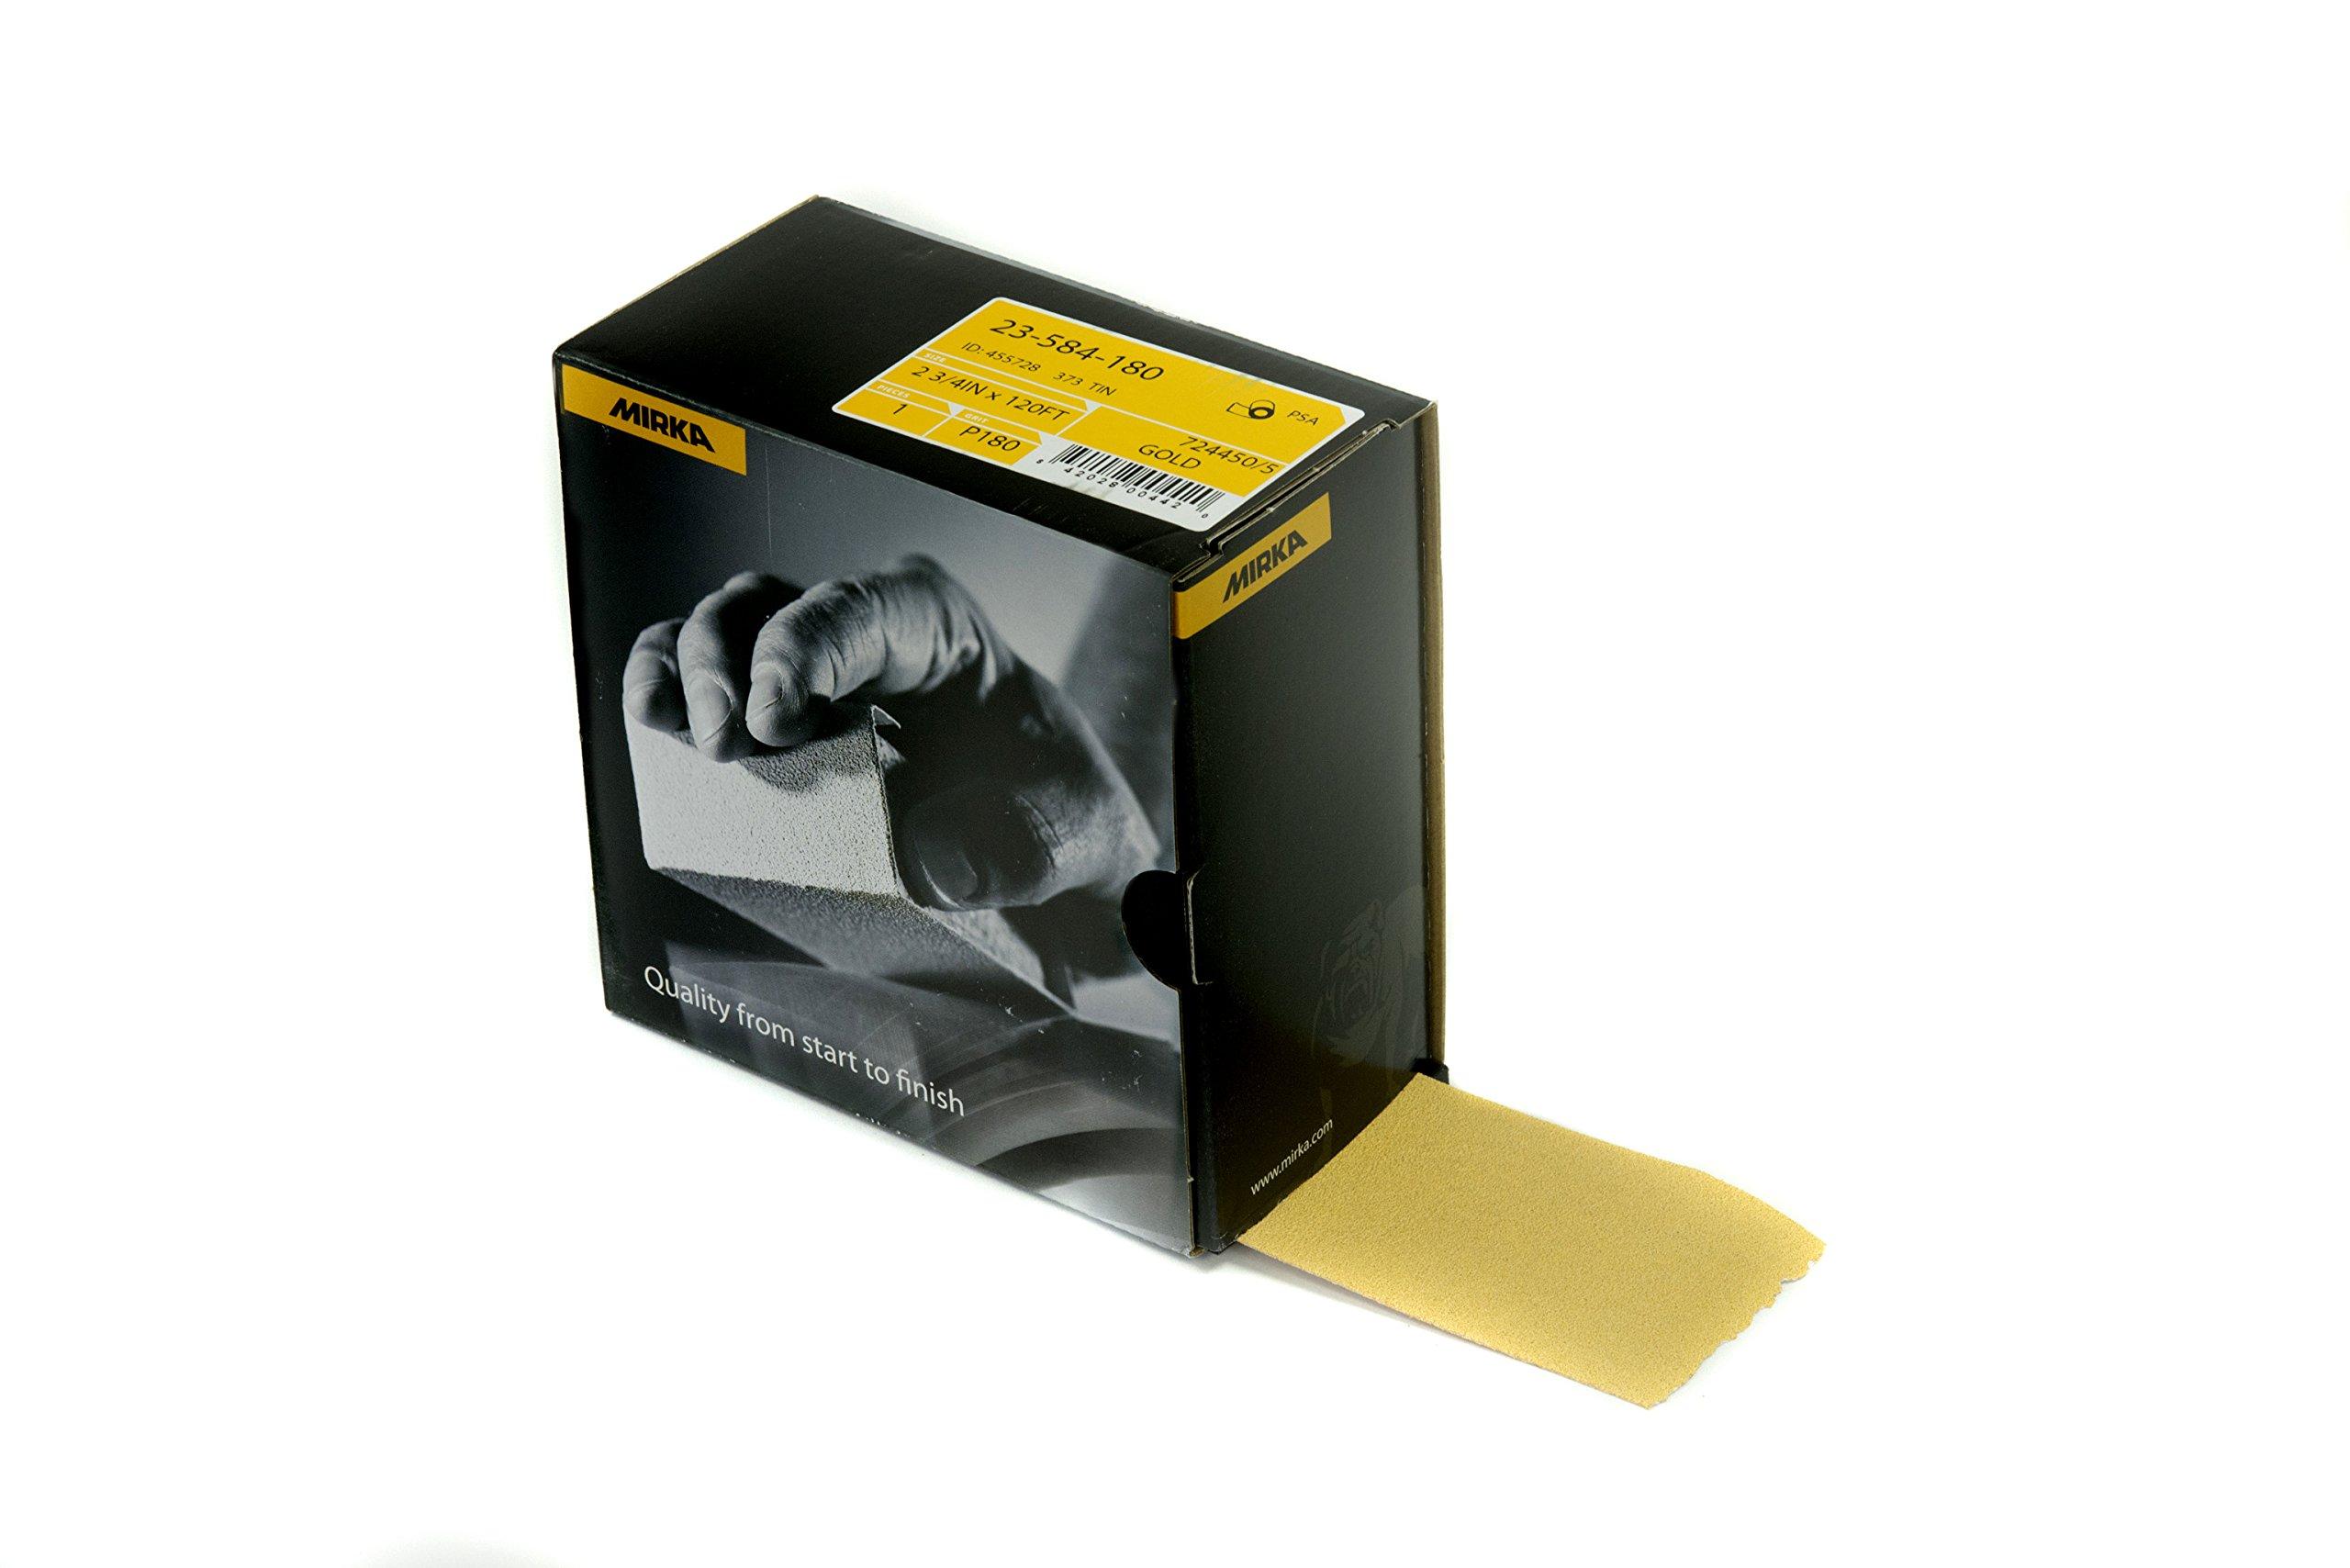 Mirka 23-584-180 Bulldog Gold PSA Autokut Roll